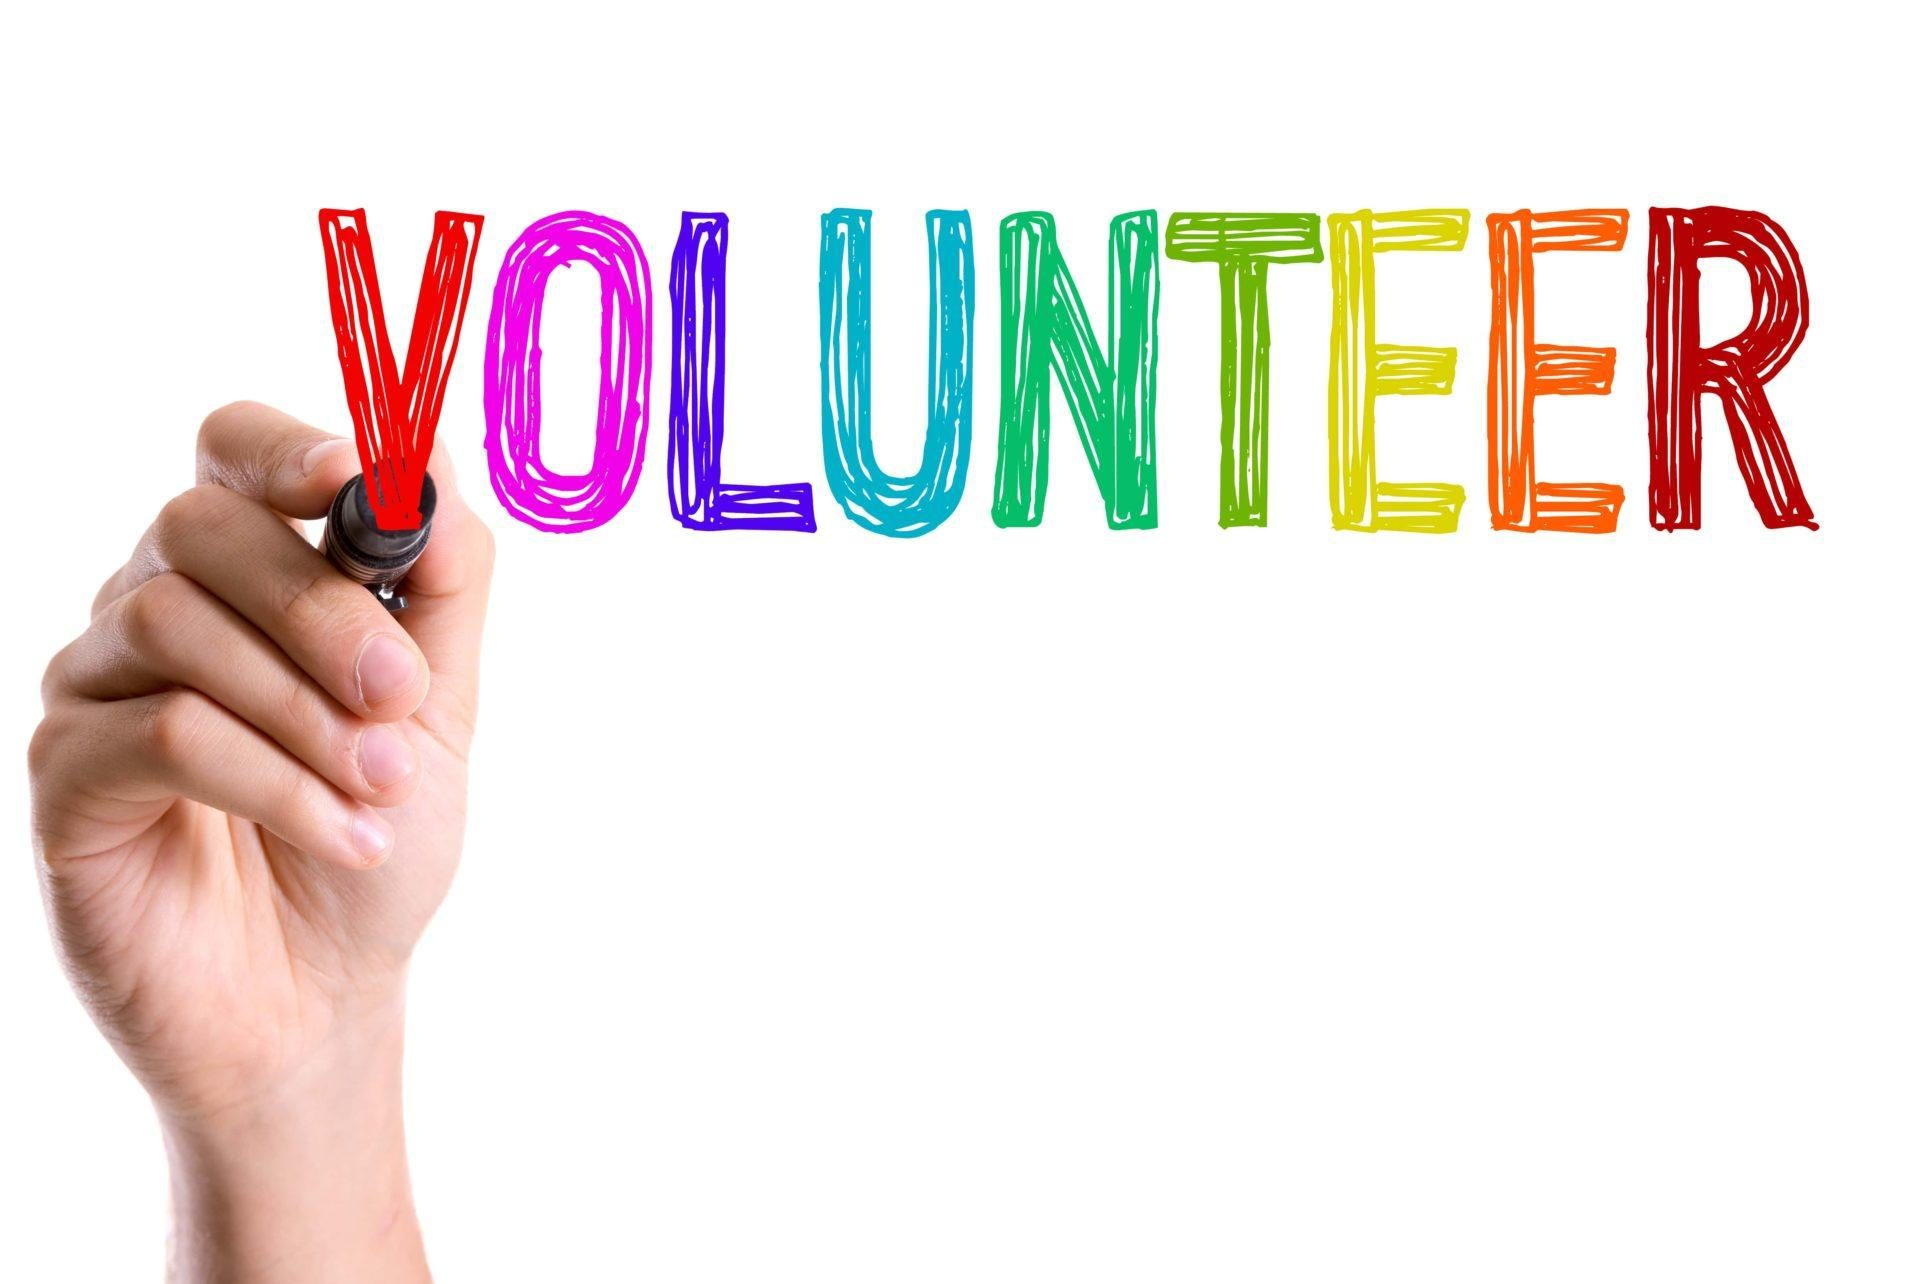 the word Volunteer is displayed